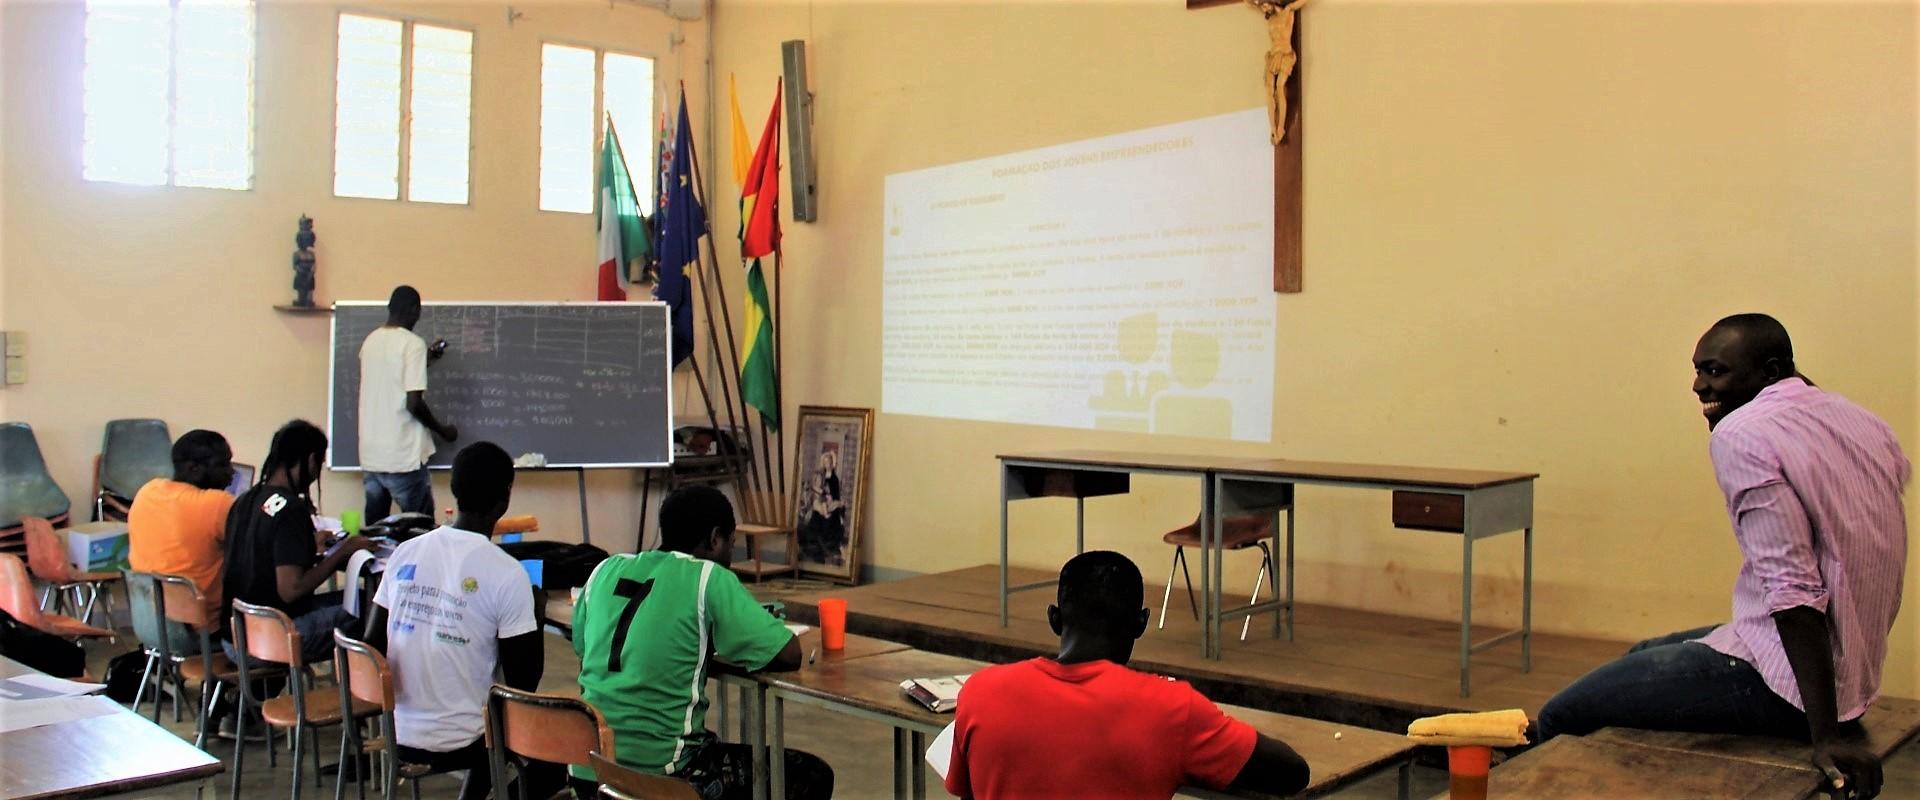 Classe_Lezione_Lavagna_Guinea_Bissau_2017